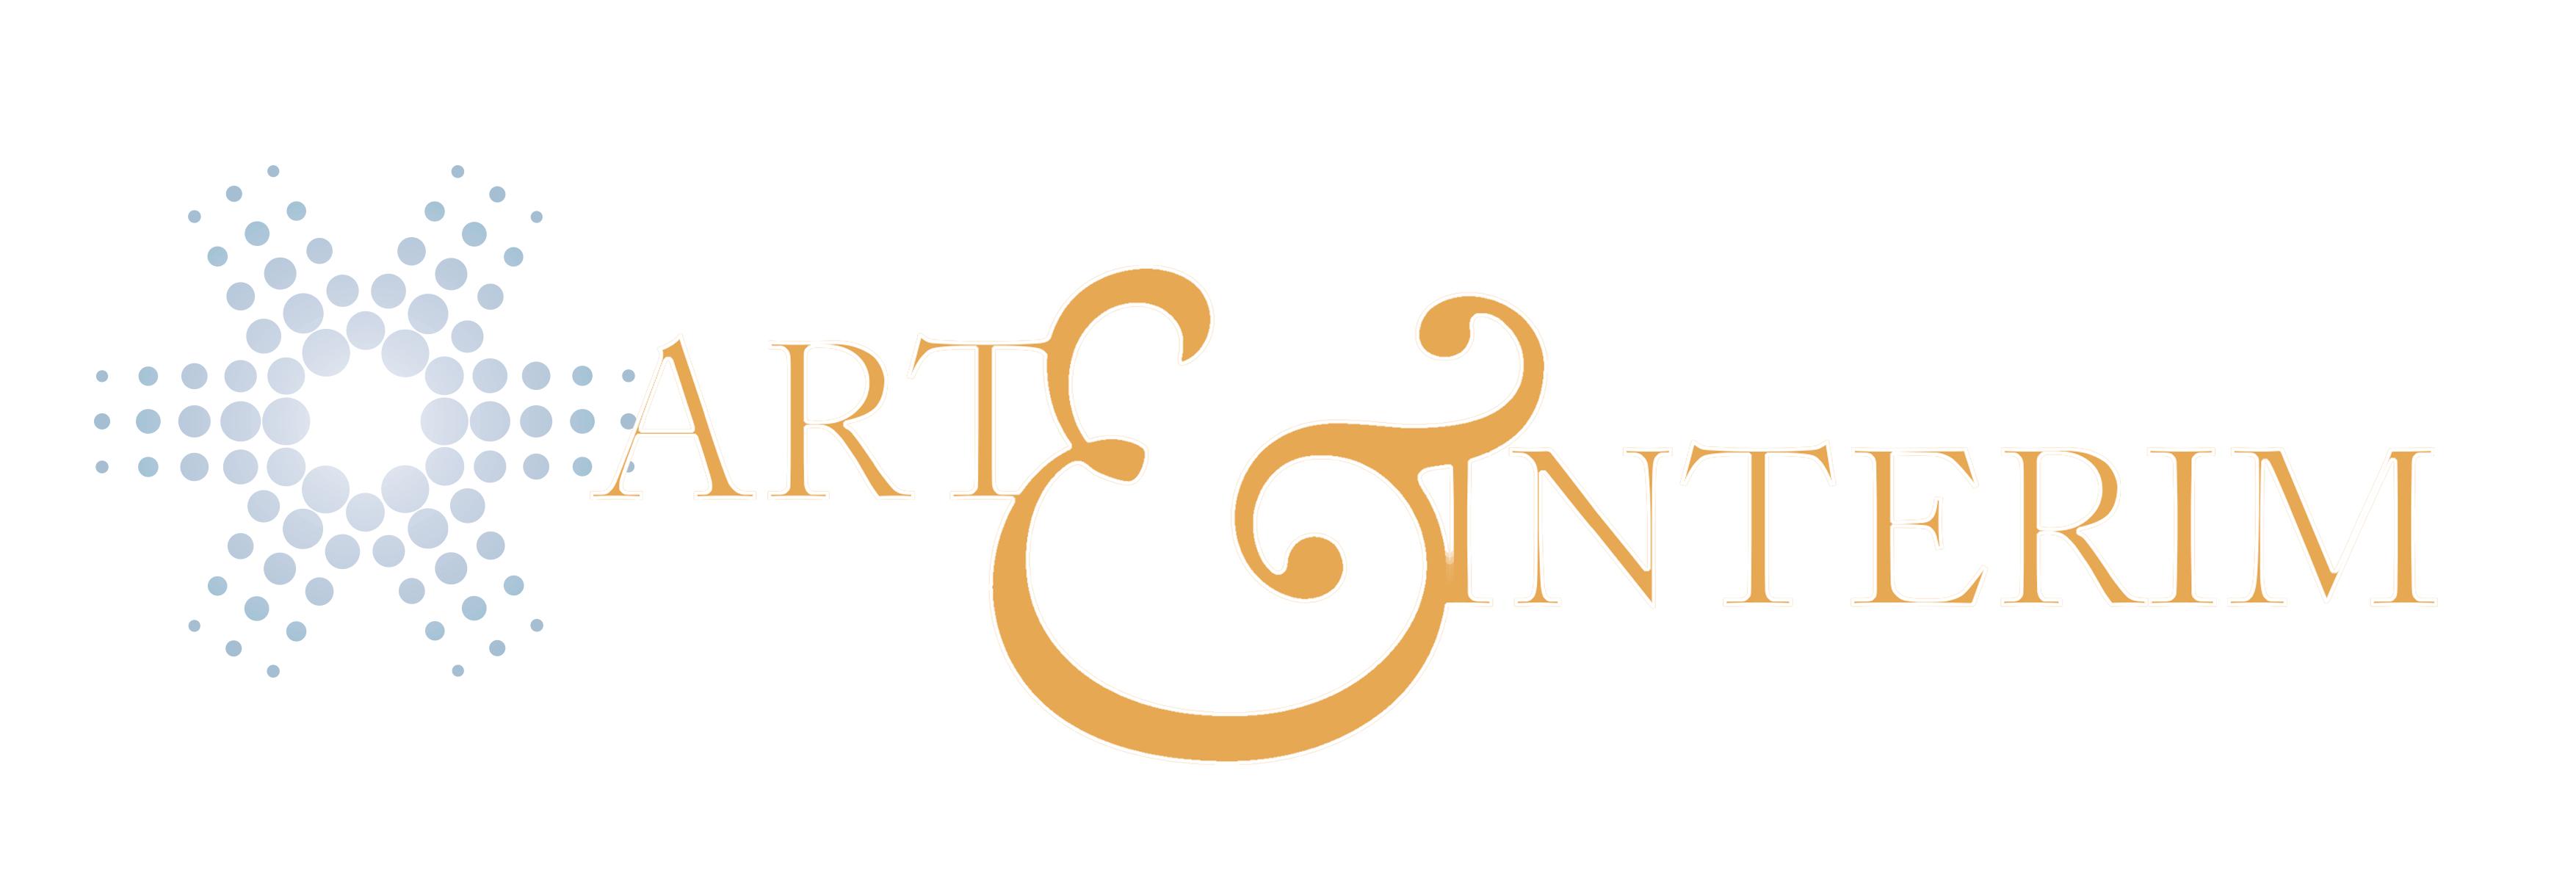 Art & Intérim – Le spécialiste des métiers d'art